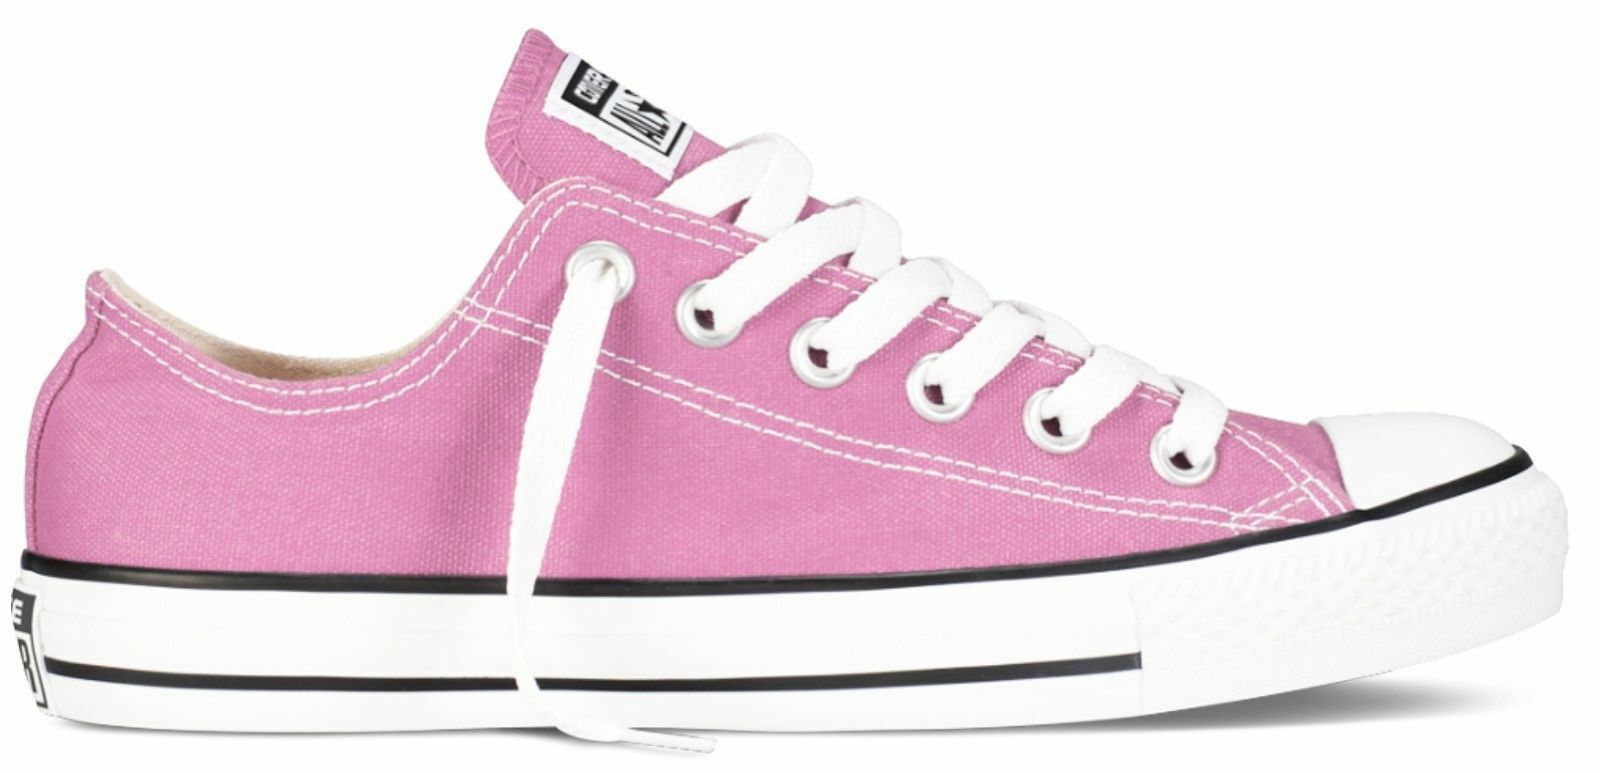 Converse Chuck Taylor All Star rosado rosado rosado Low Top de buey m9007 Lona Nuevo En Caja  promocionales de incentivo